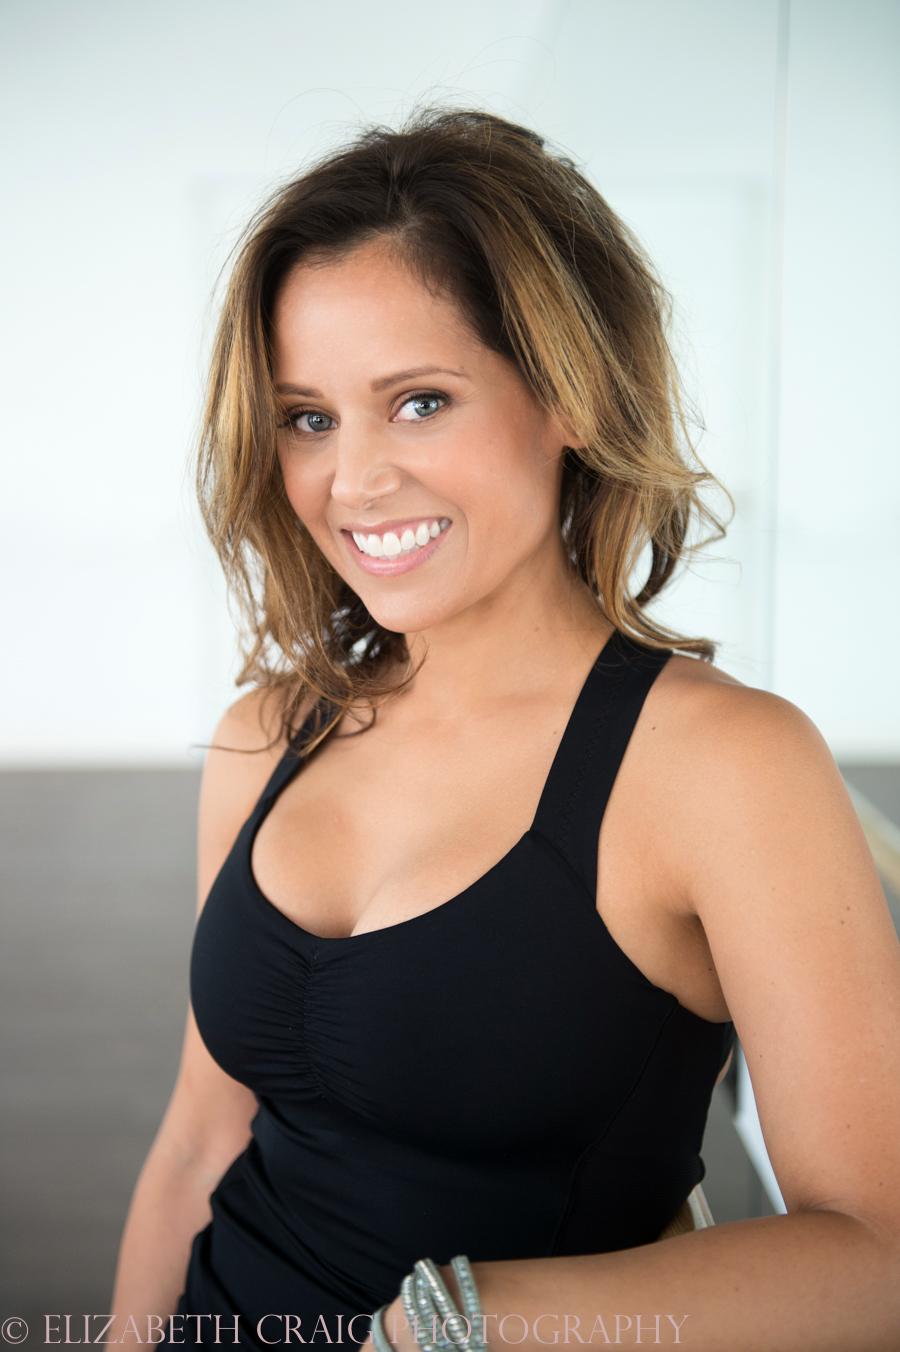 Fitness Photography   Elizabeth Craig Photography-0010